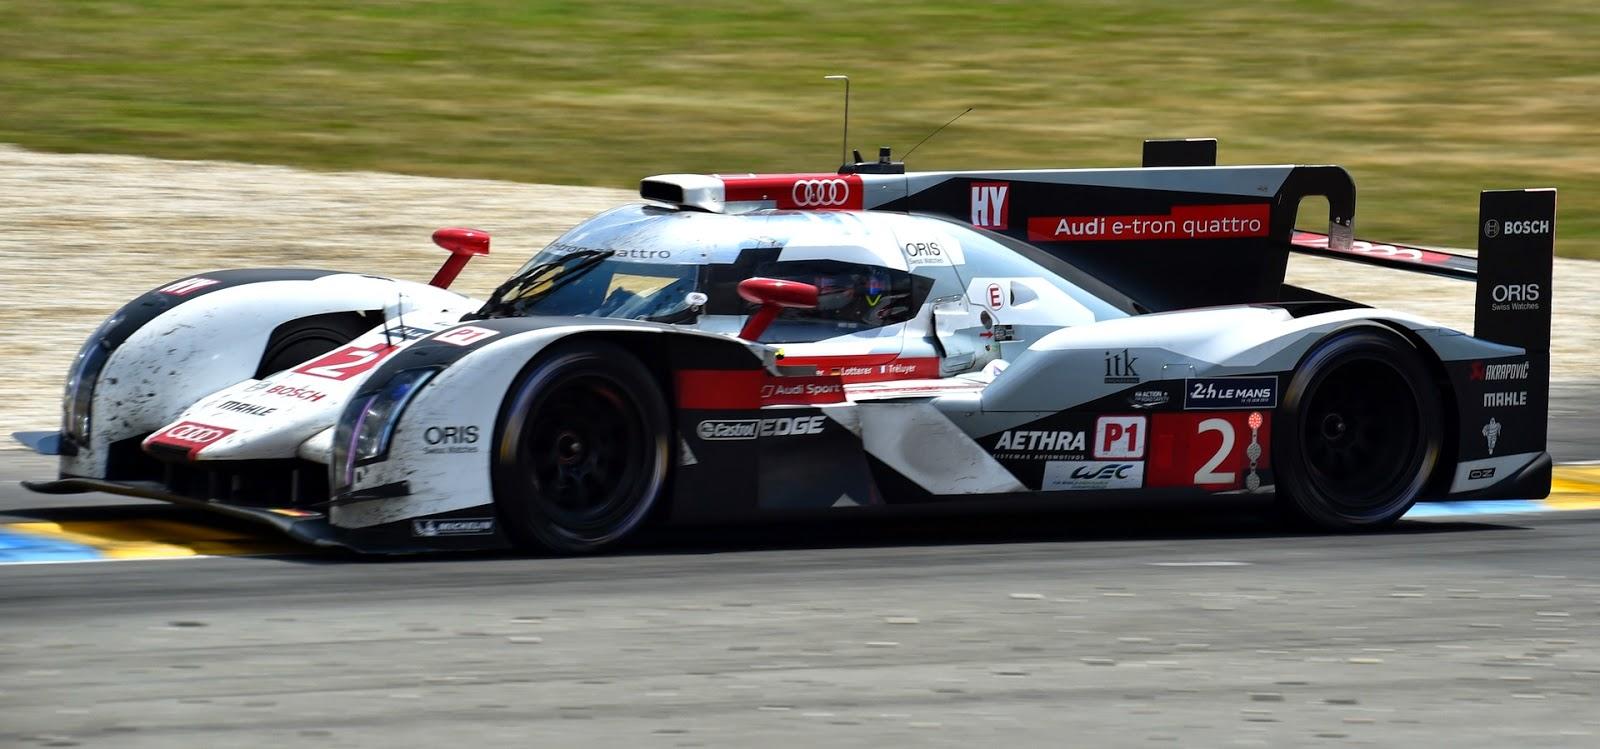 Audi R18 e-tron quattro n°2 Oris 24 heures du Mans 2014